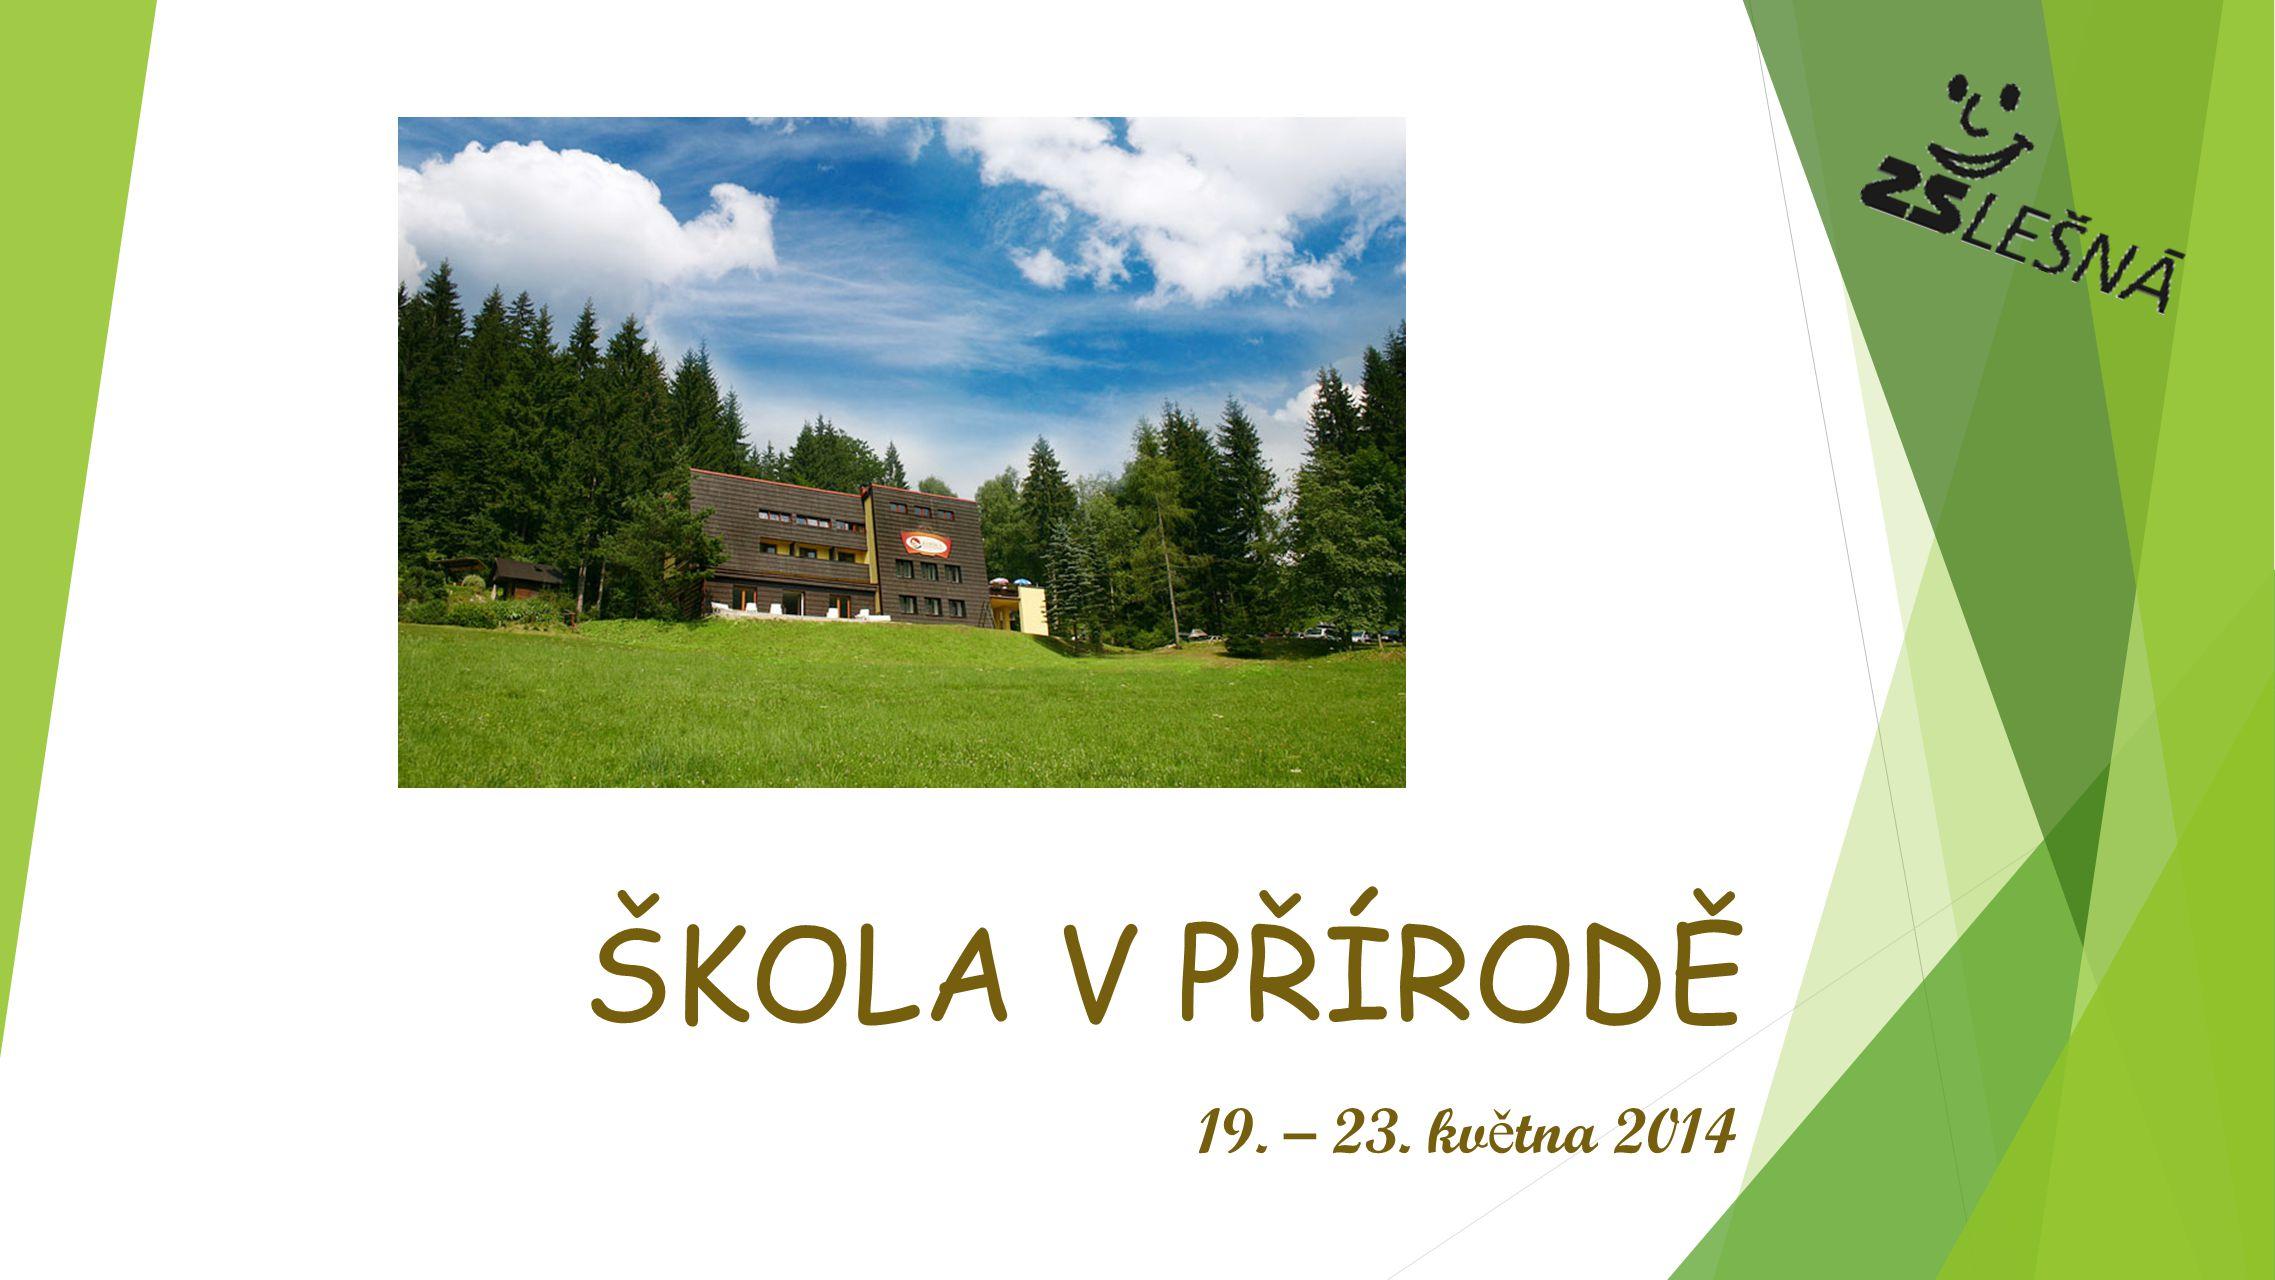 ŠKOLA V PŘÍRODĚ 19. – 23. kv ě tna 2014